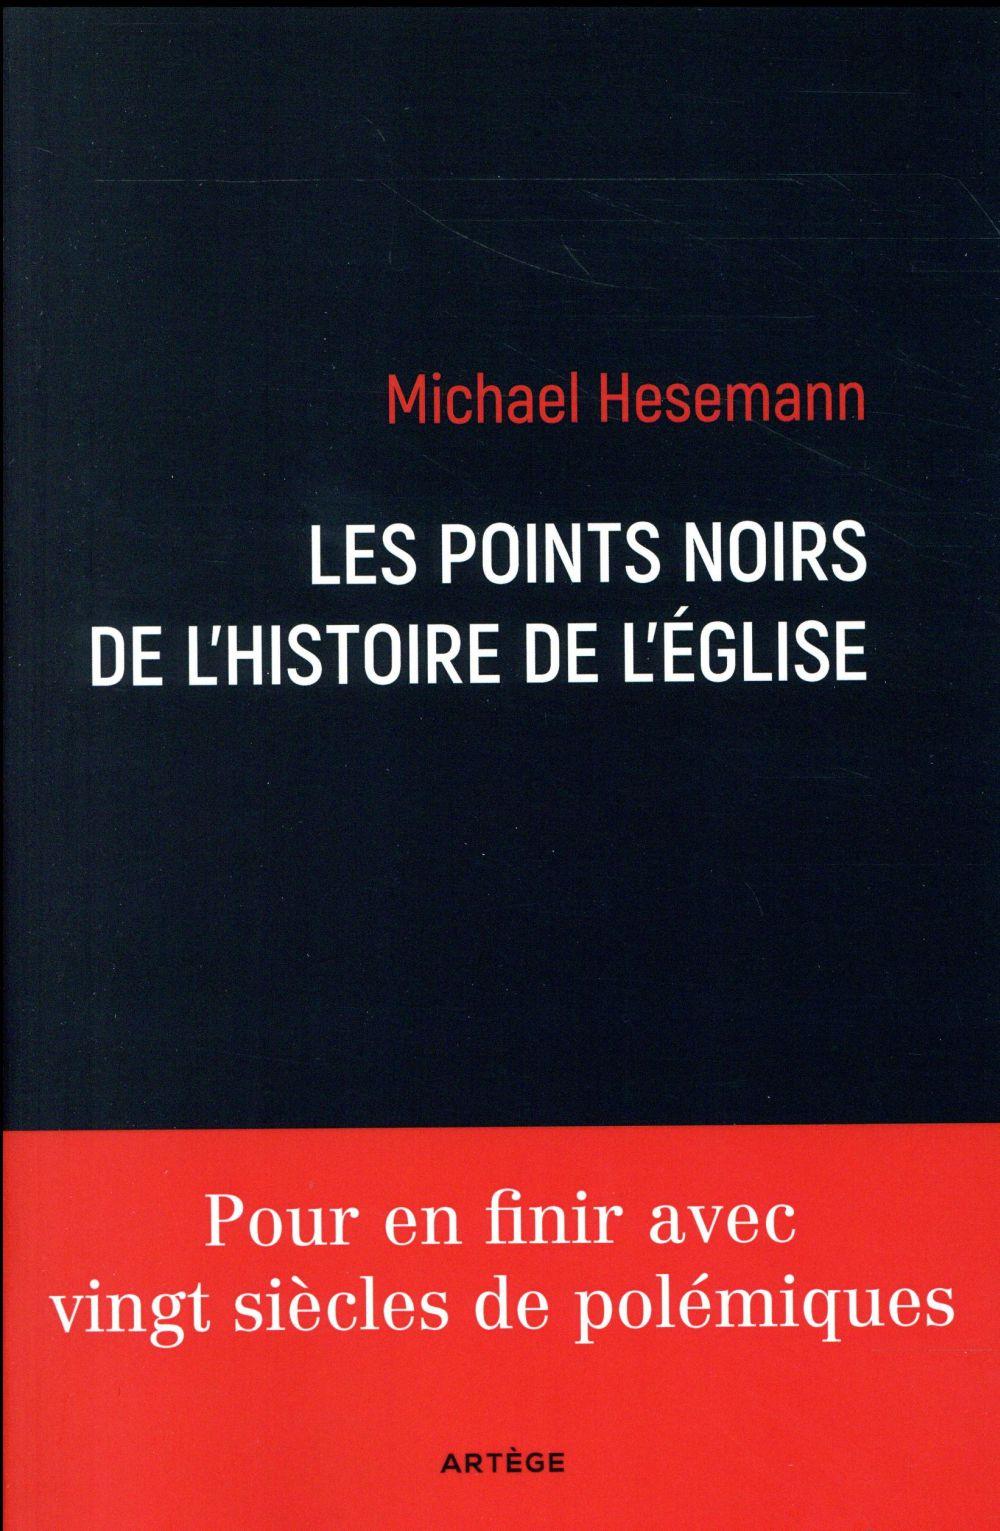 LES POINTS NOIRS DE L'HISTOIRE DE L'EGLISE